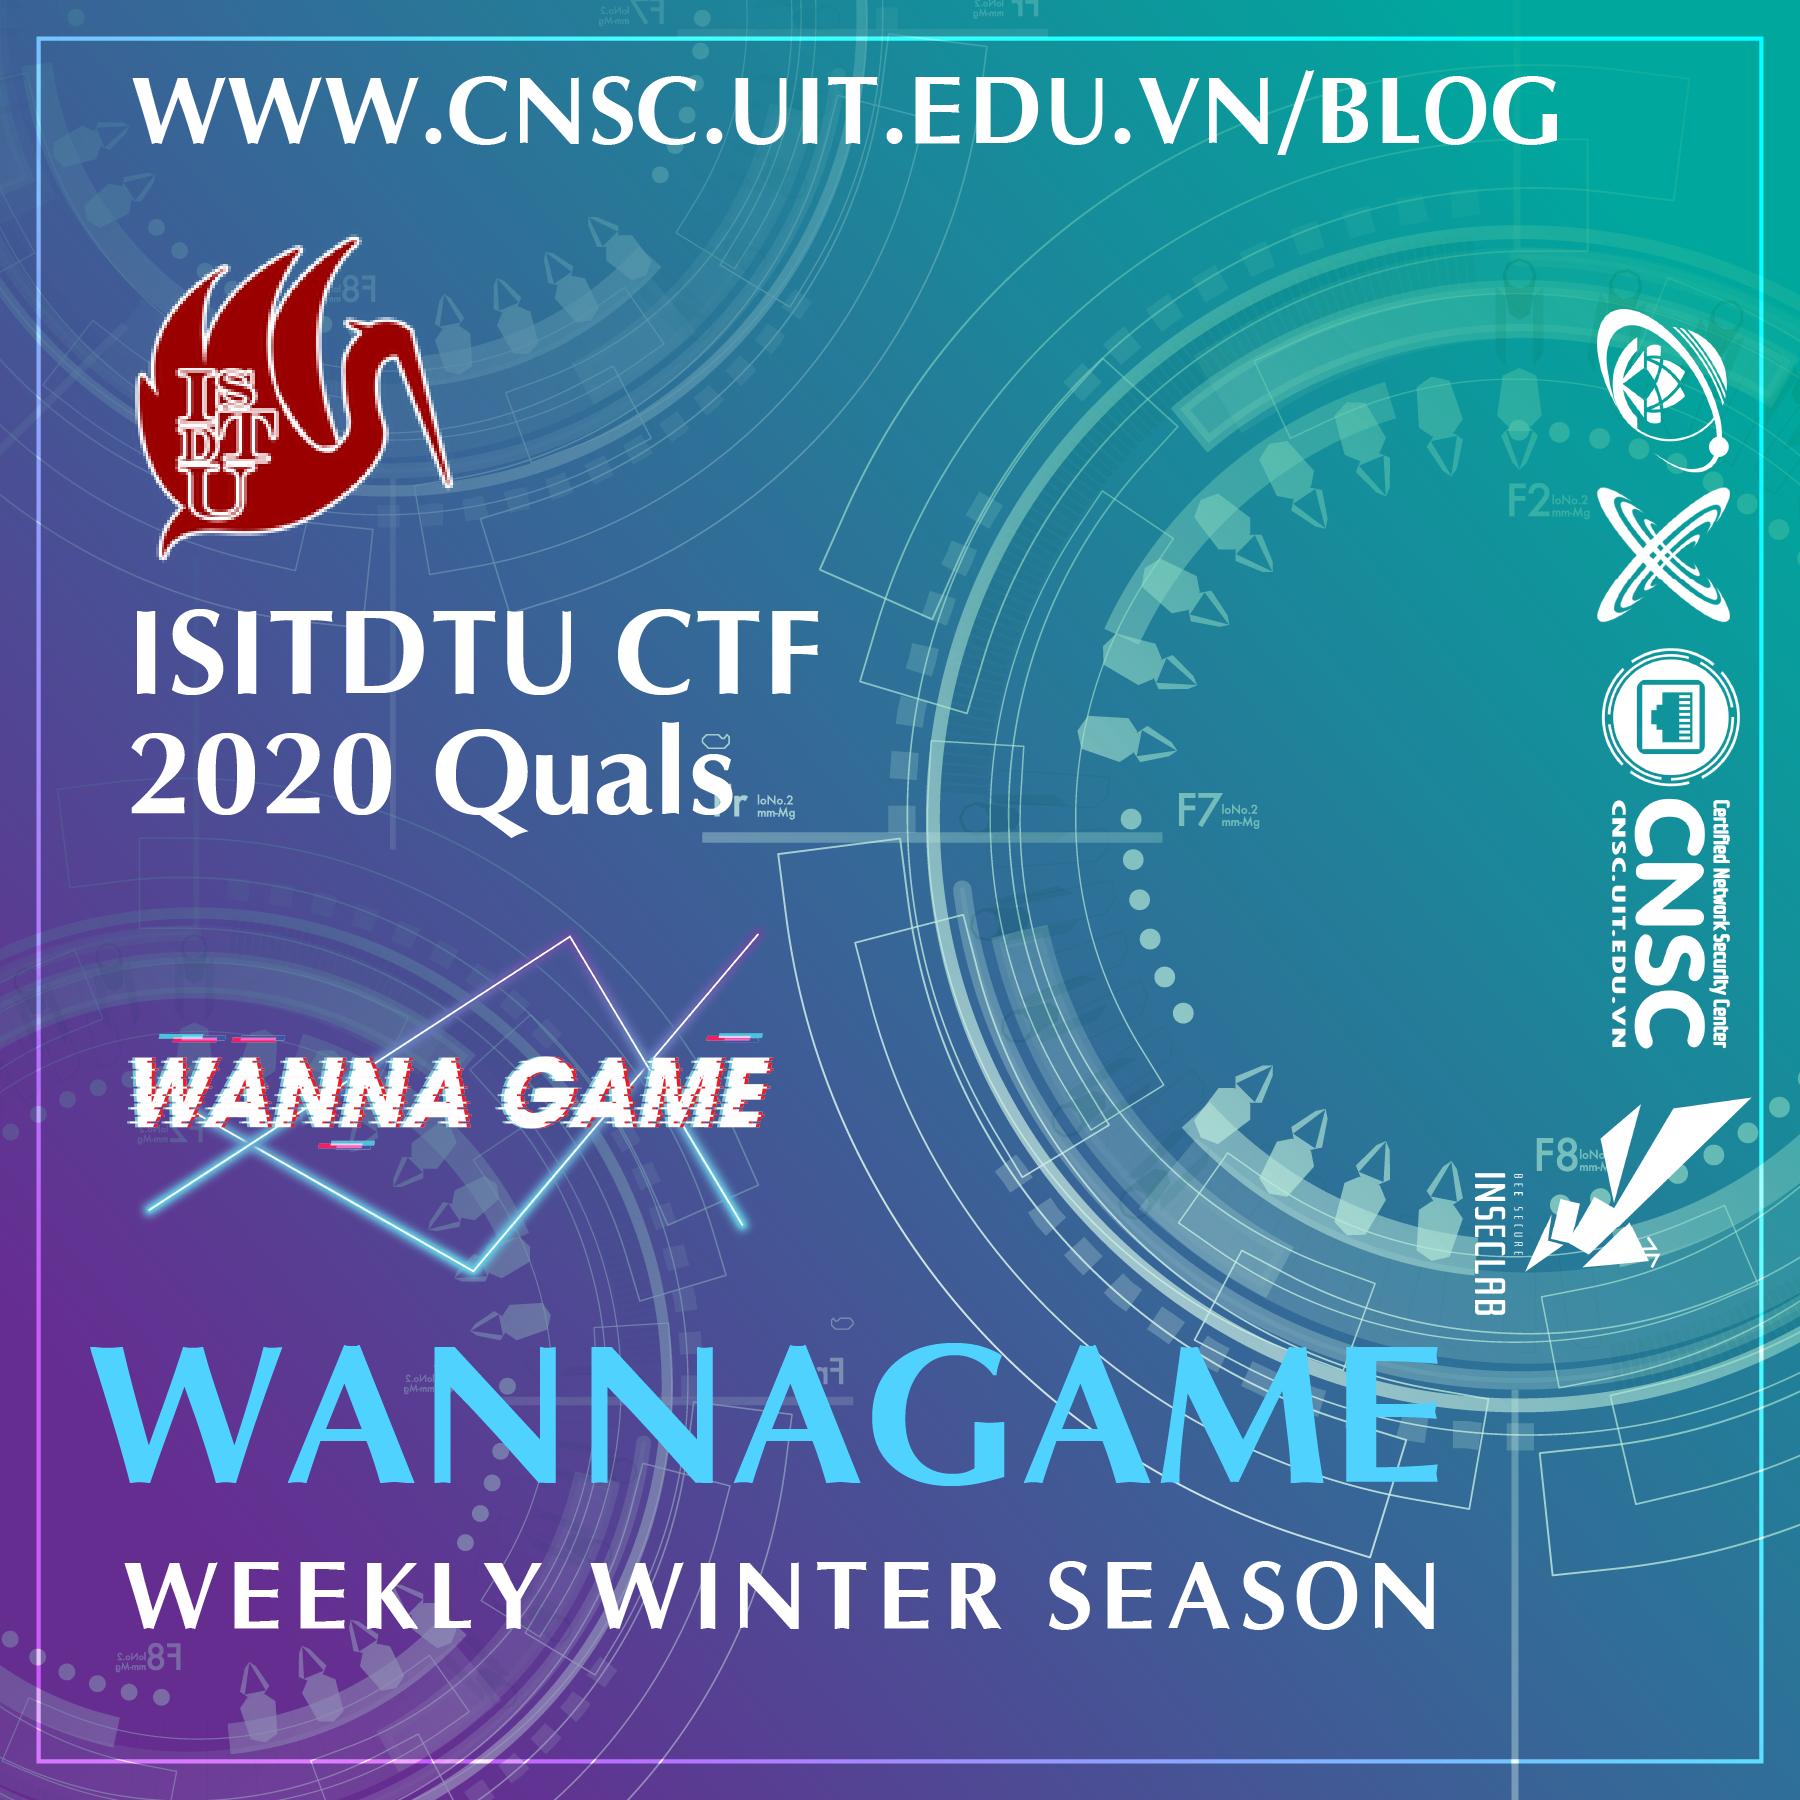 [WANNAGAME-WEEKLY] MỜI THAM GIA ĐĂNG KÝ CUỘC THI CTF MÙA WINTER Kỳ 1